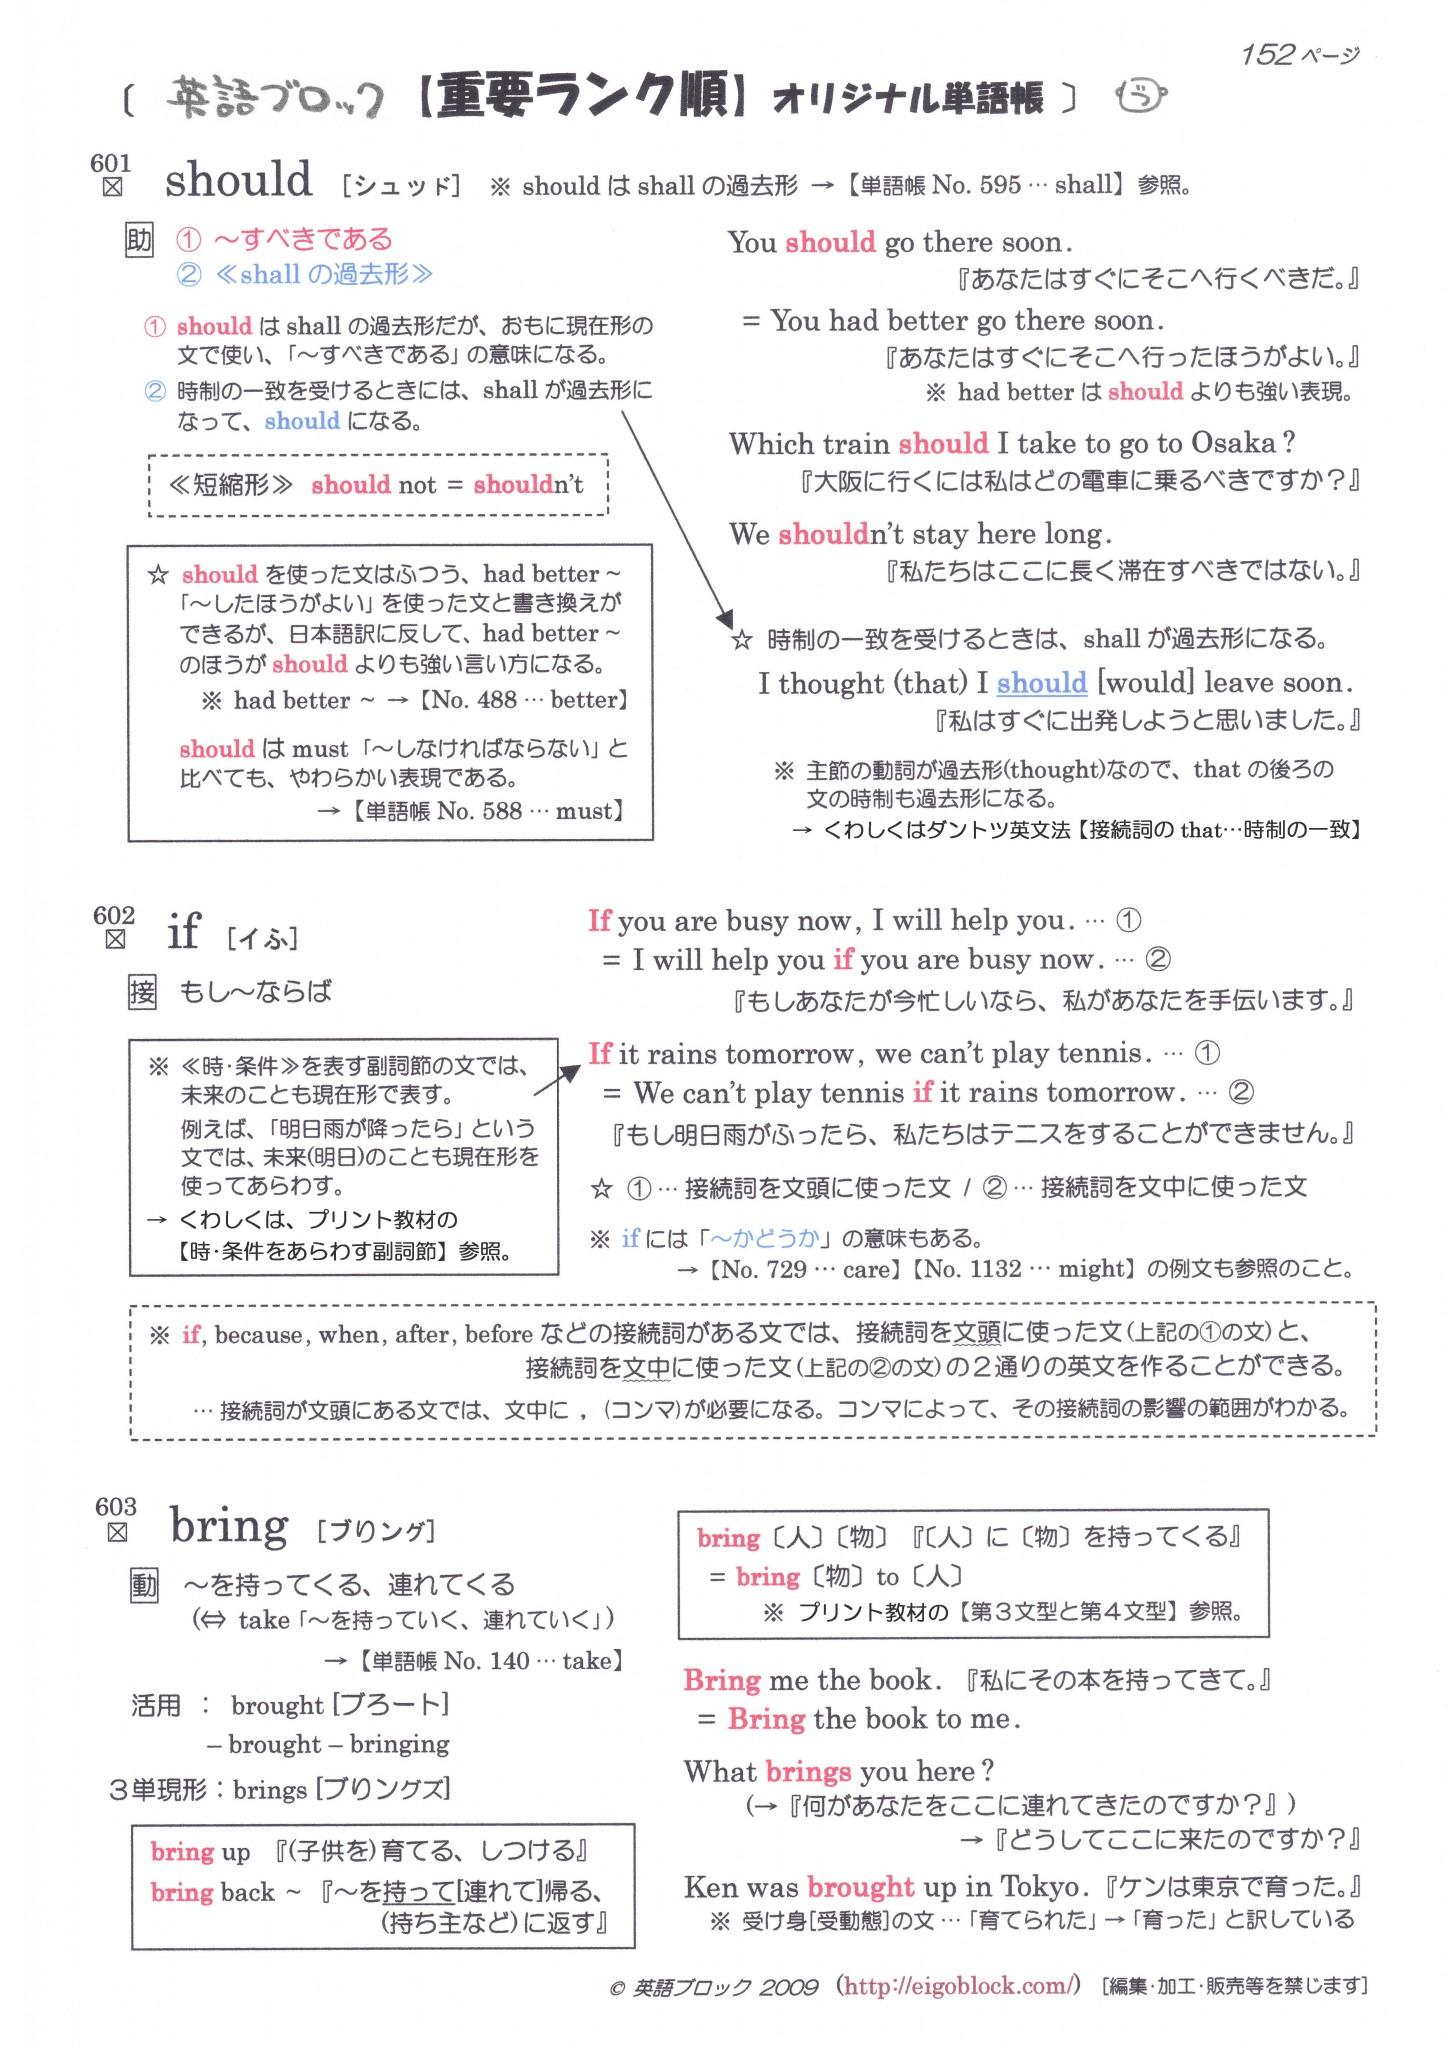 英語教材 無料 pdf